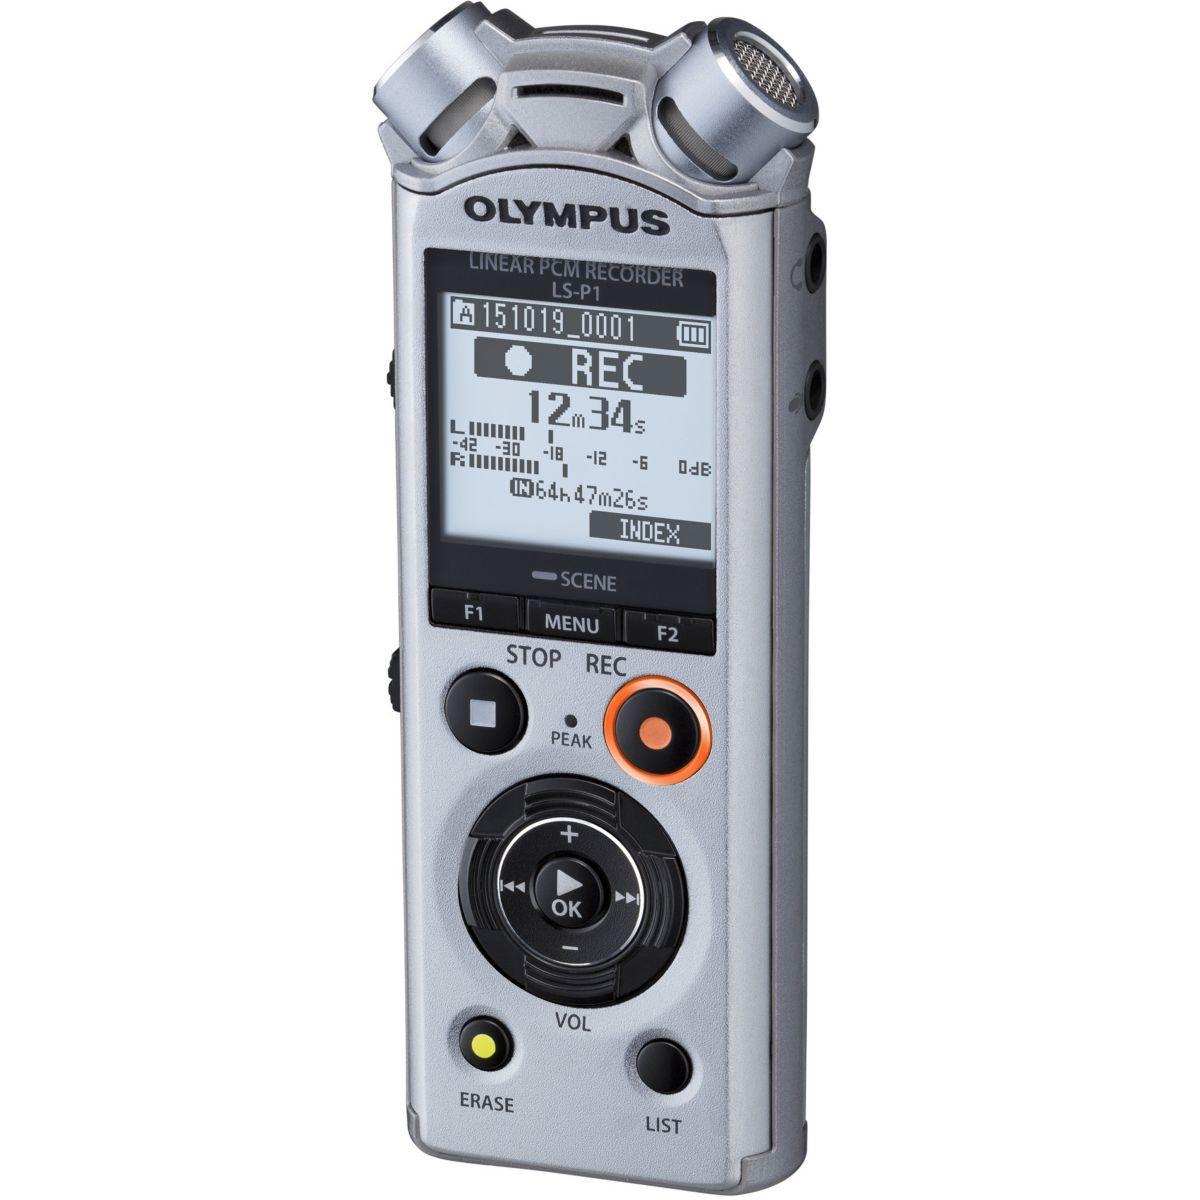 Dictaphone olympus ls-p1 - 15% de remise immédiate avec le code : multi15 (photo)